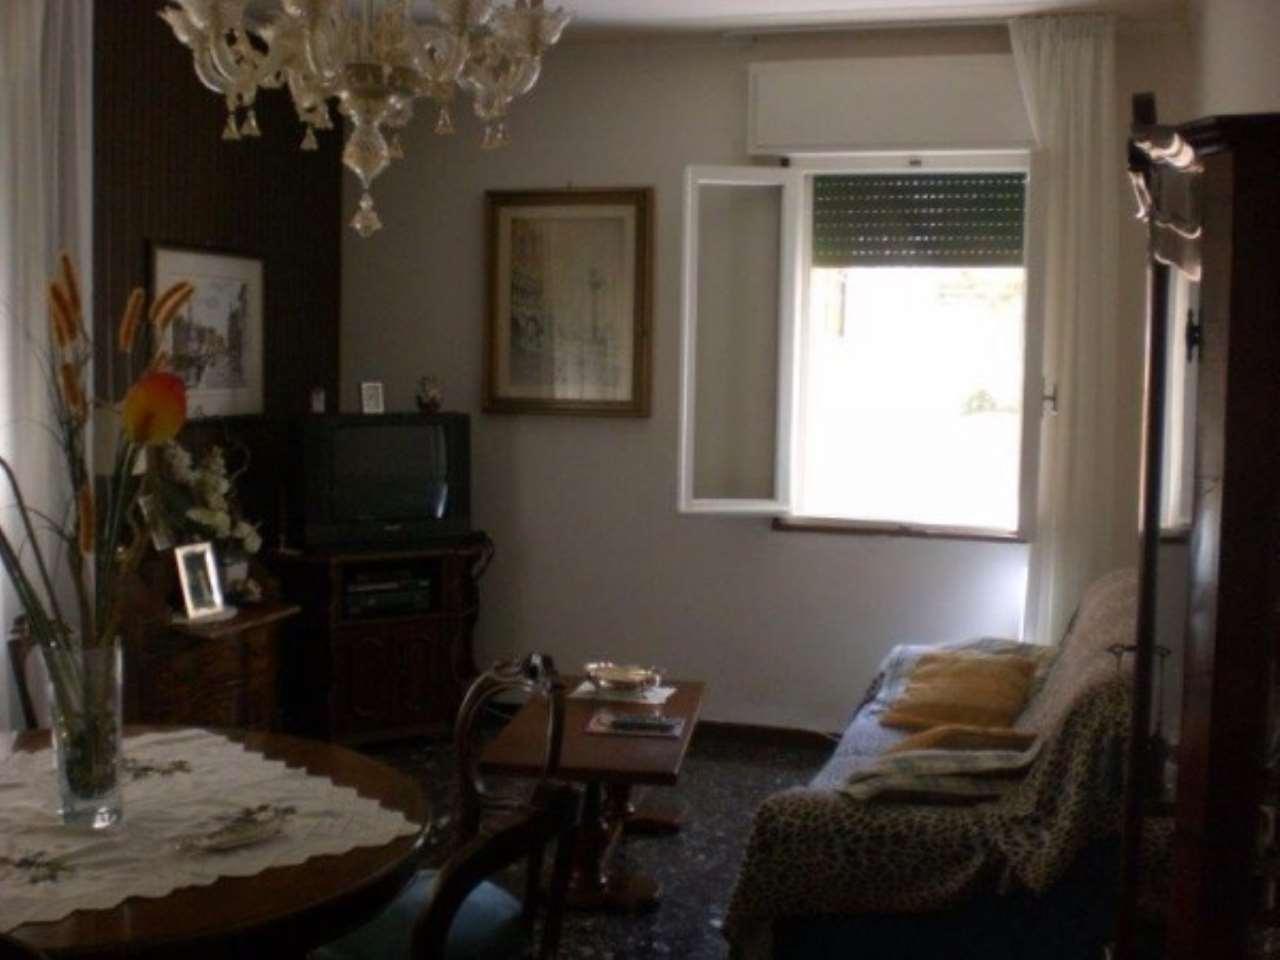 Appartamento in vendita a Venezia, 5 locali, zona Zona: 3 . Cannaregio, prezzo € 240.000 | Cambio Casa.it